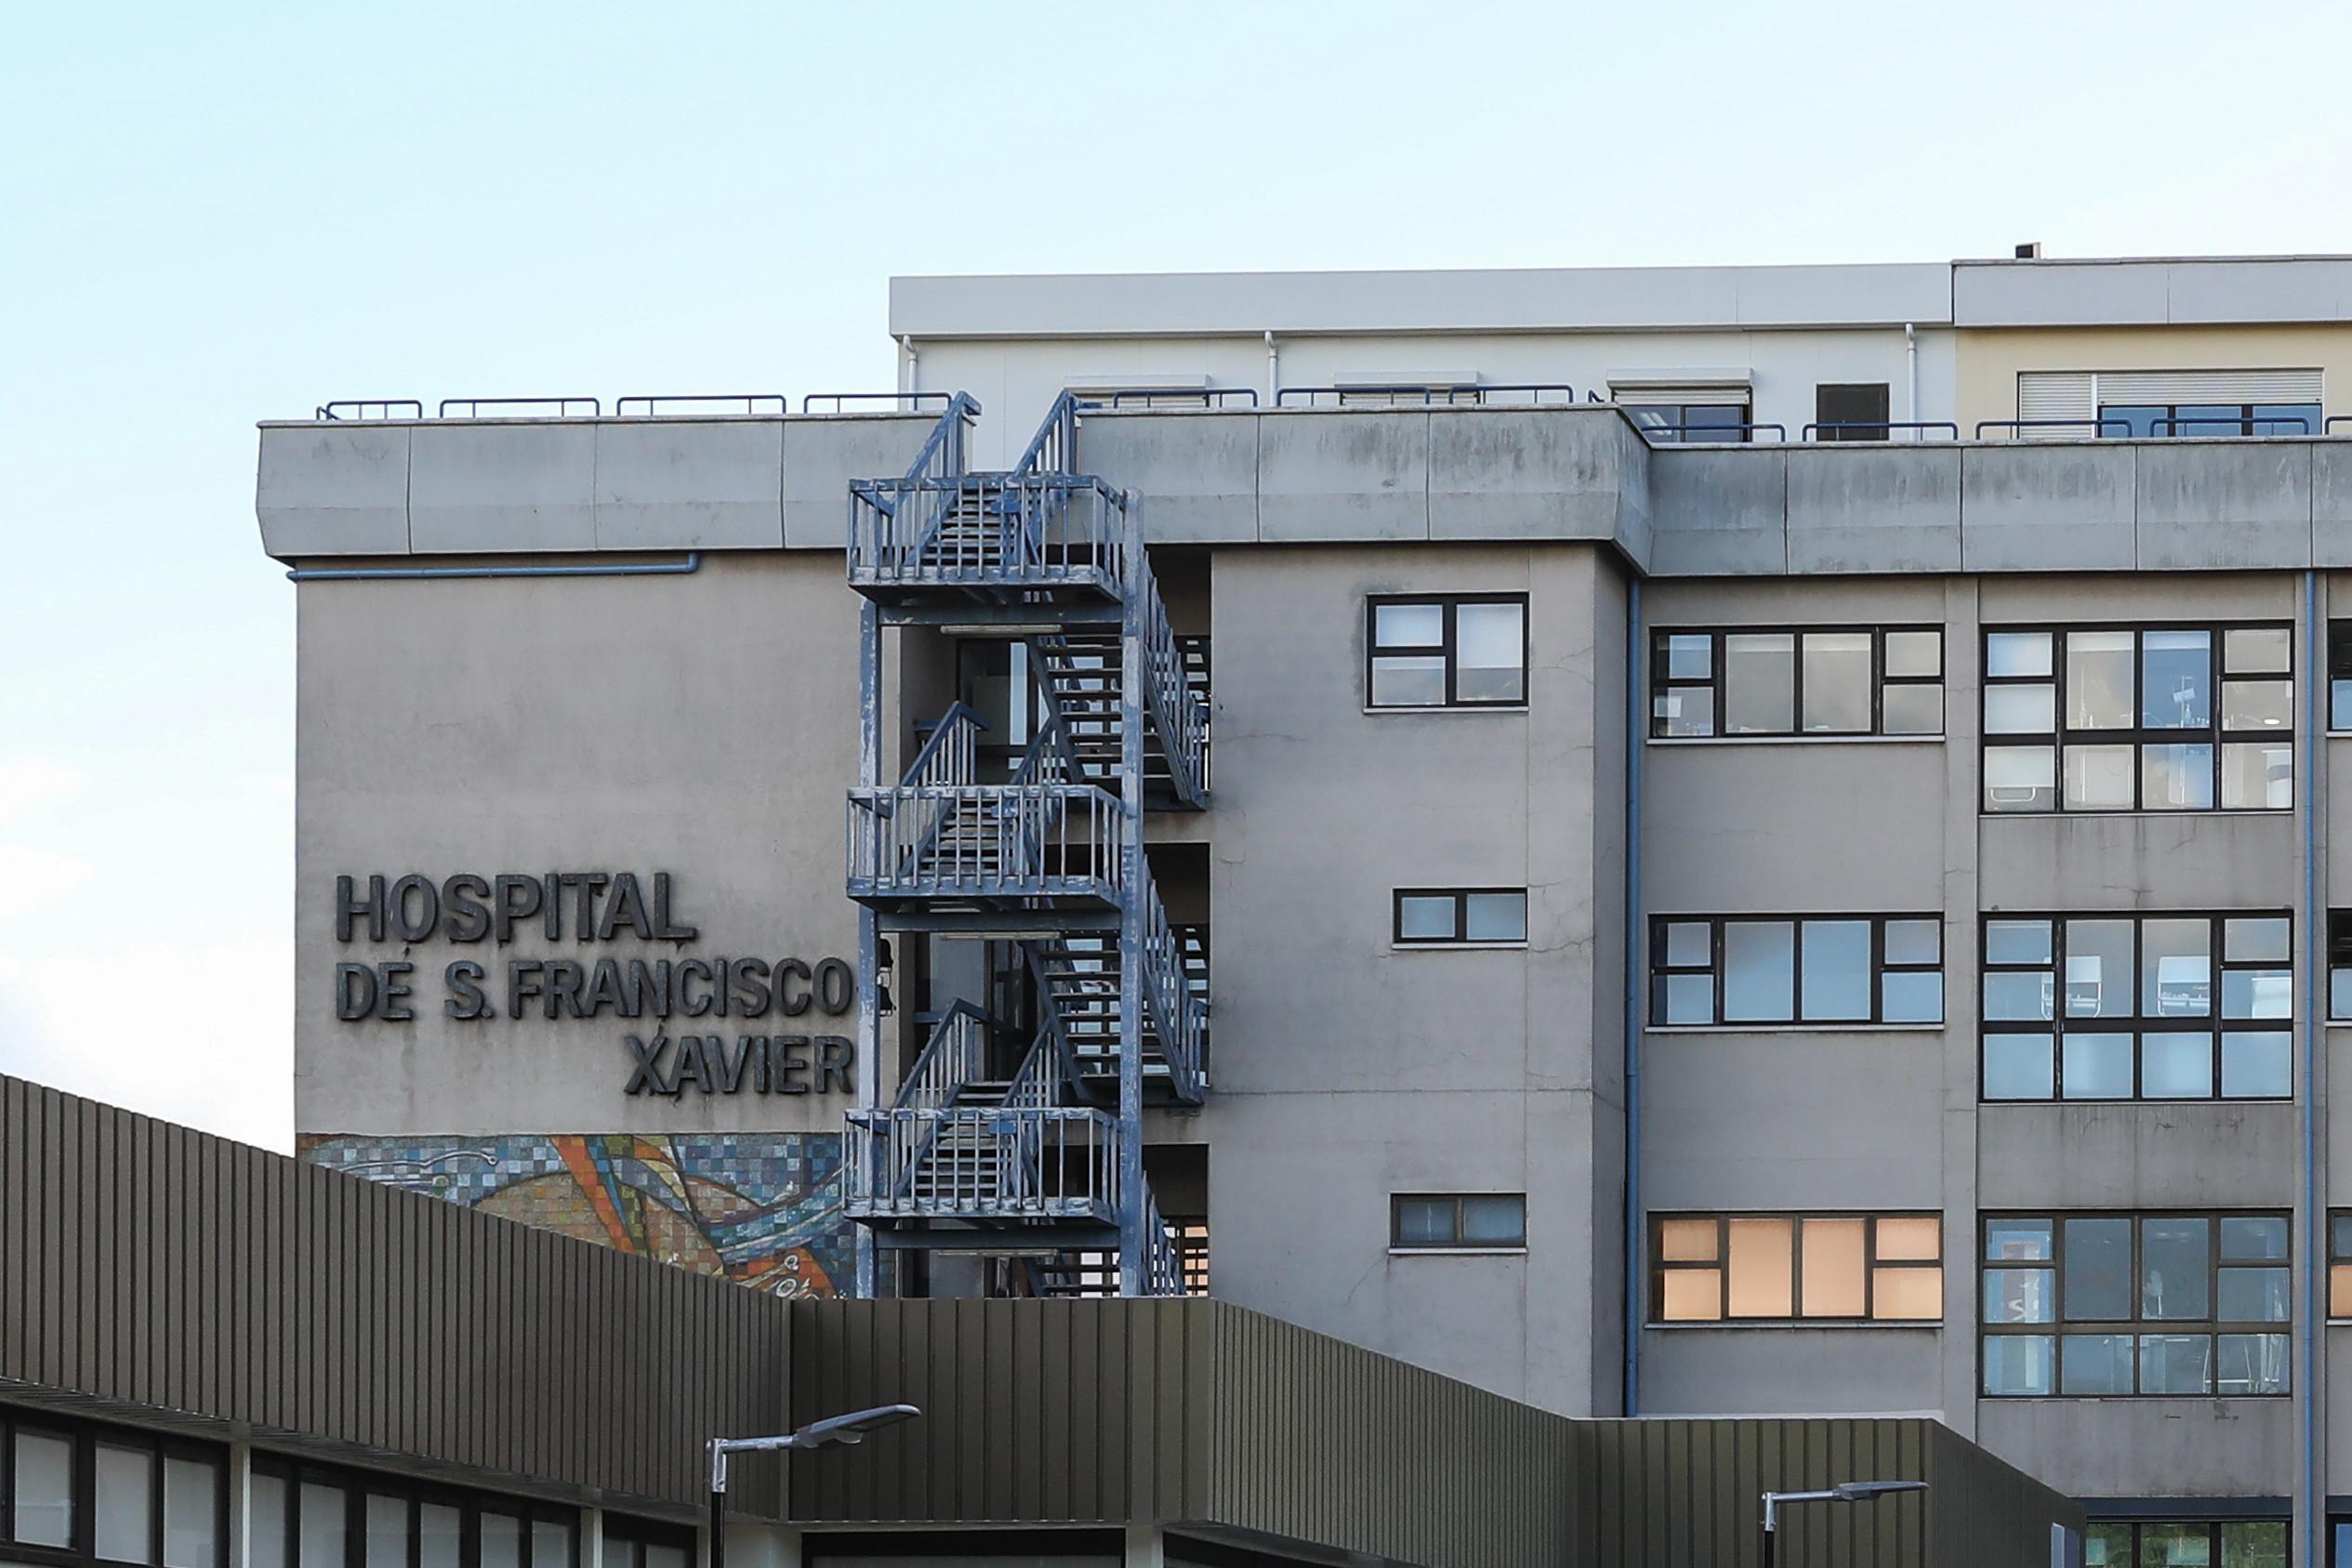 Legionella: Degradação da torre nunca foi apontada pelos peritos